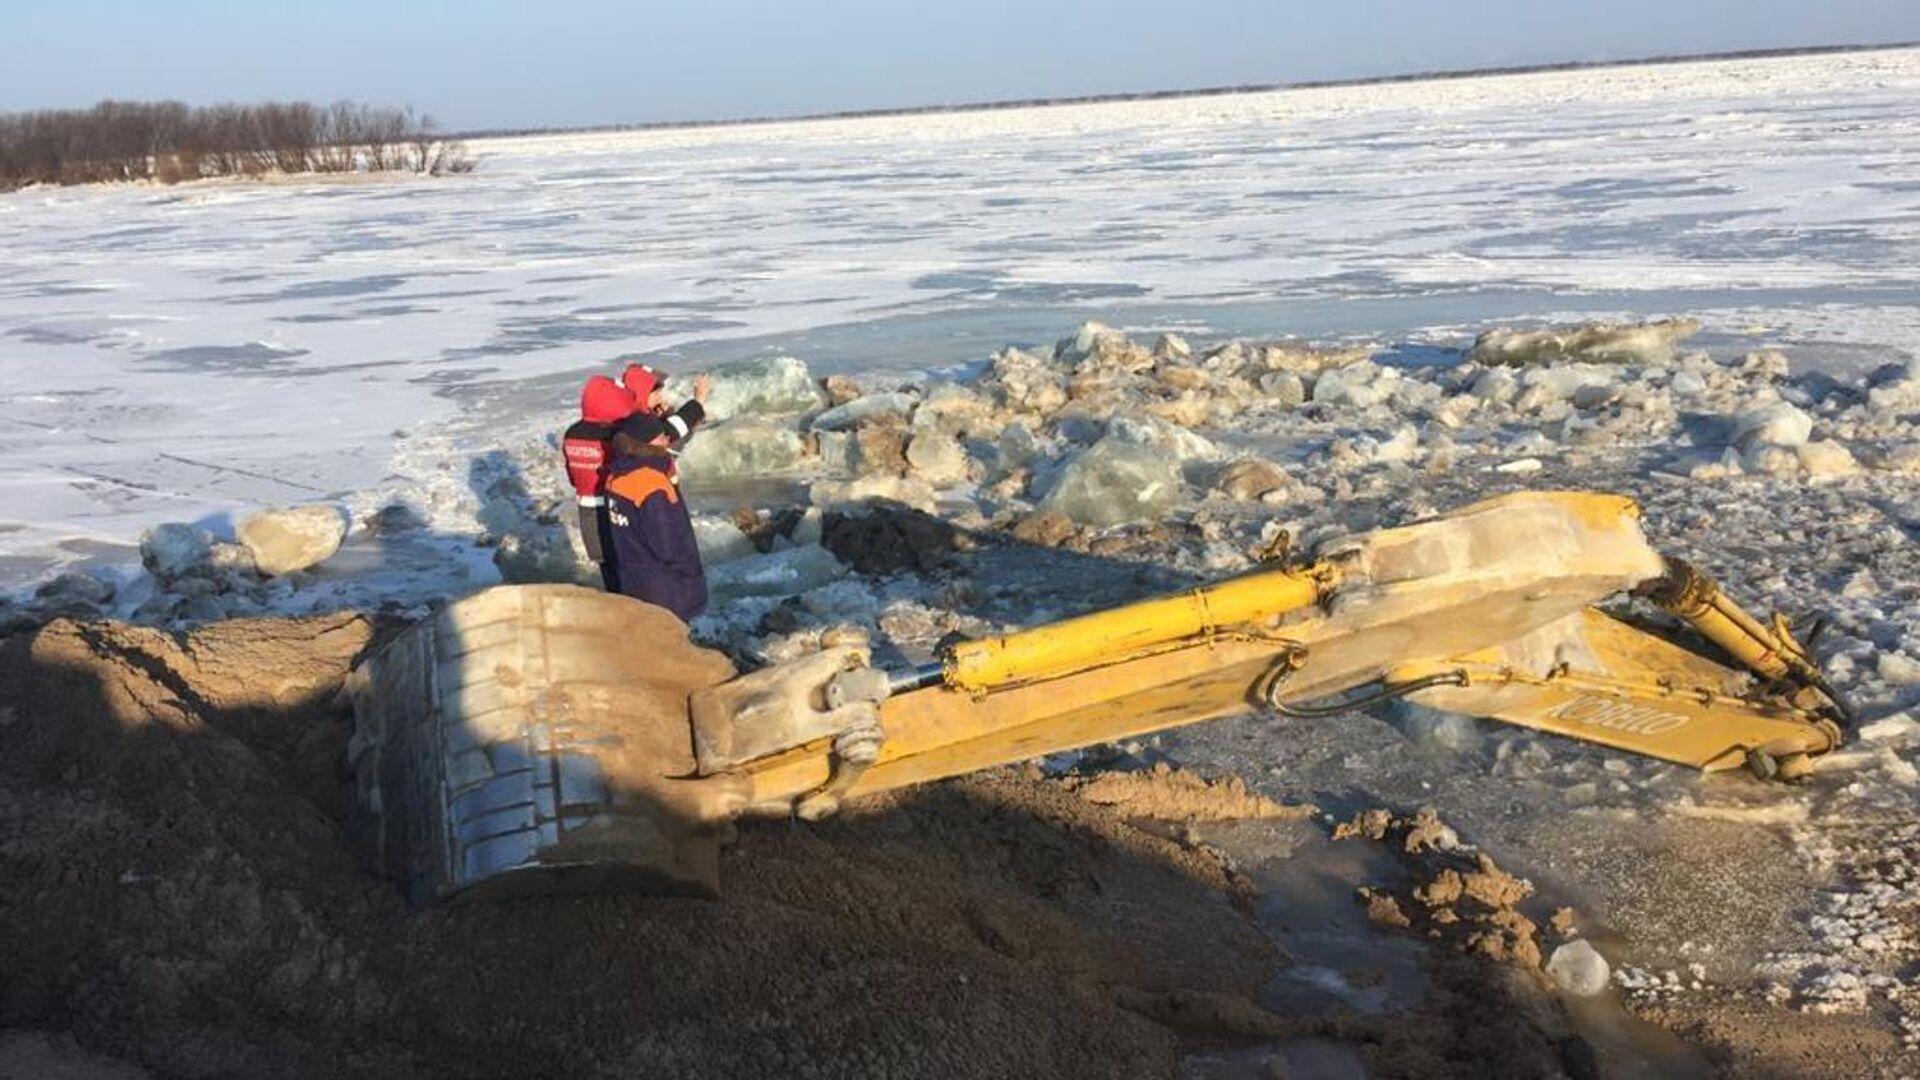 Экскаватор ушел под лед в районе села Мичуринское в Хабаровском крае - РИА Новости, 1920, 28.01.2021